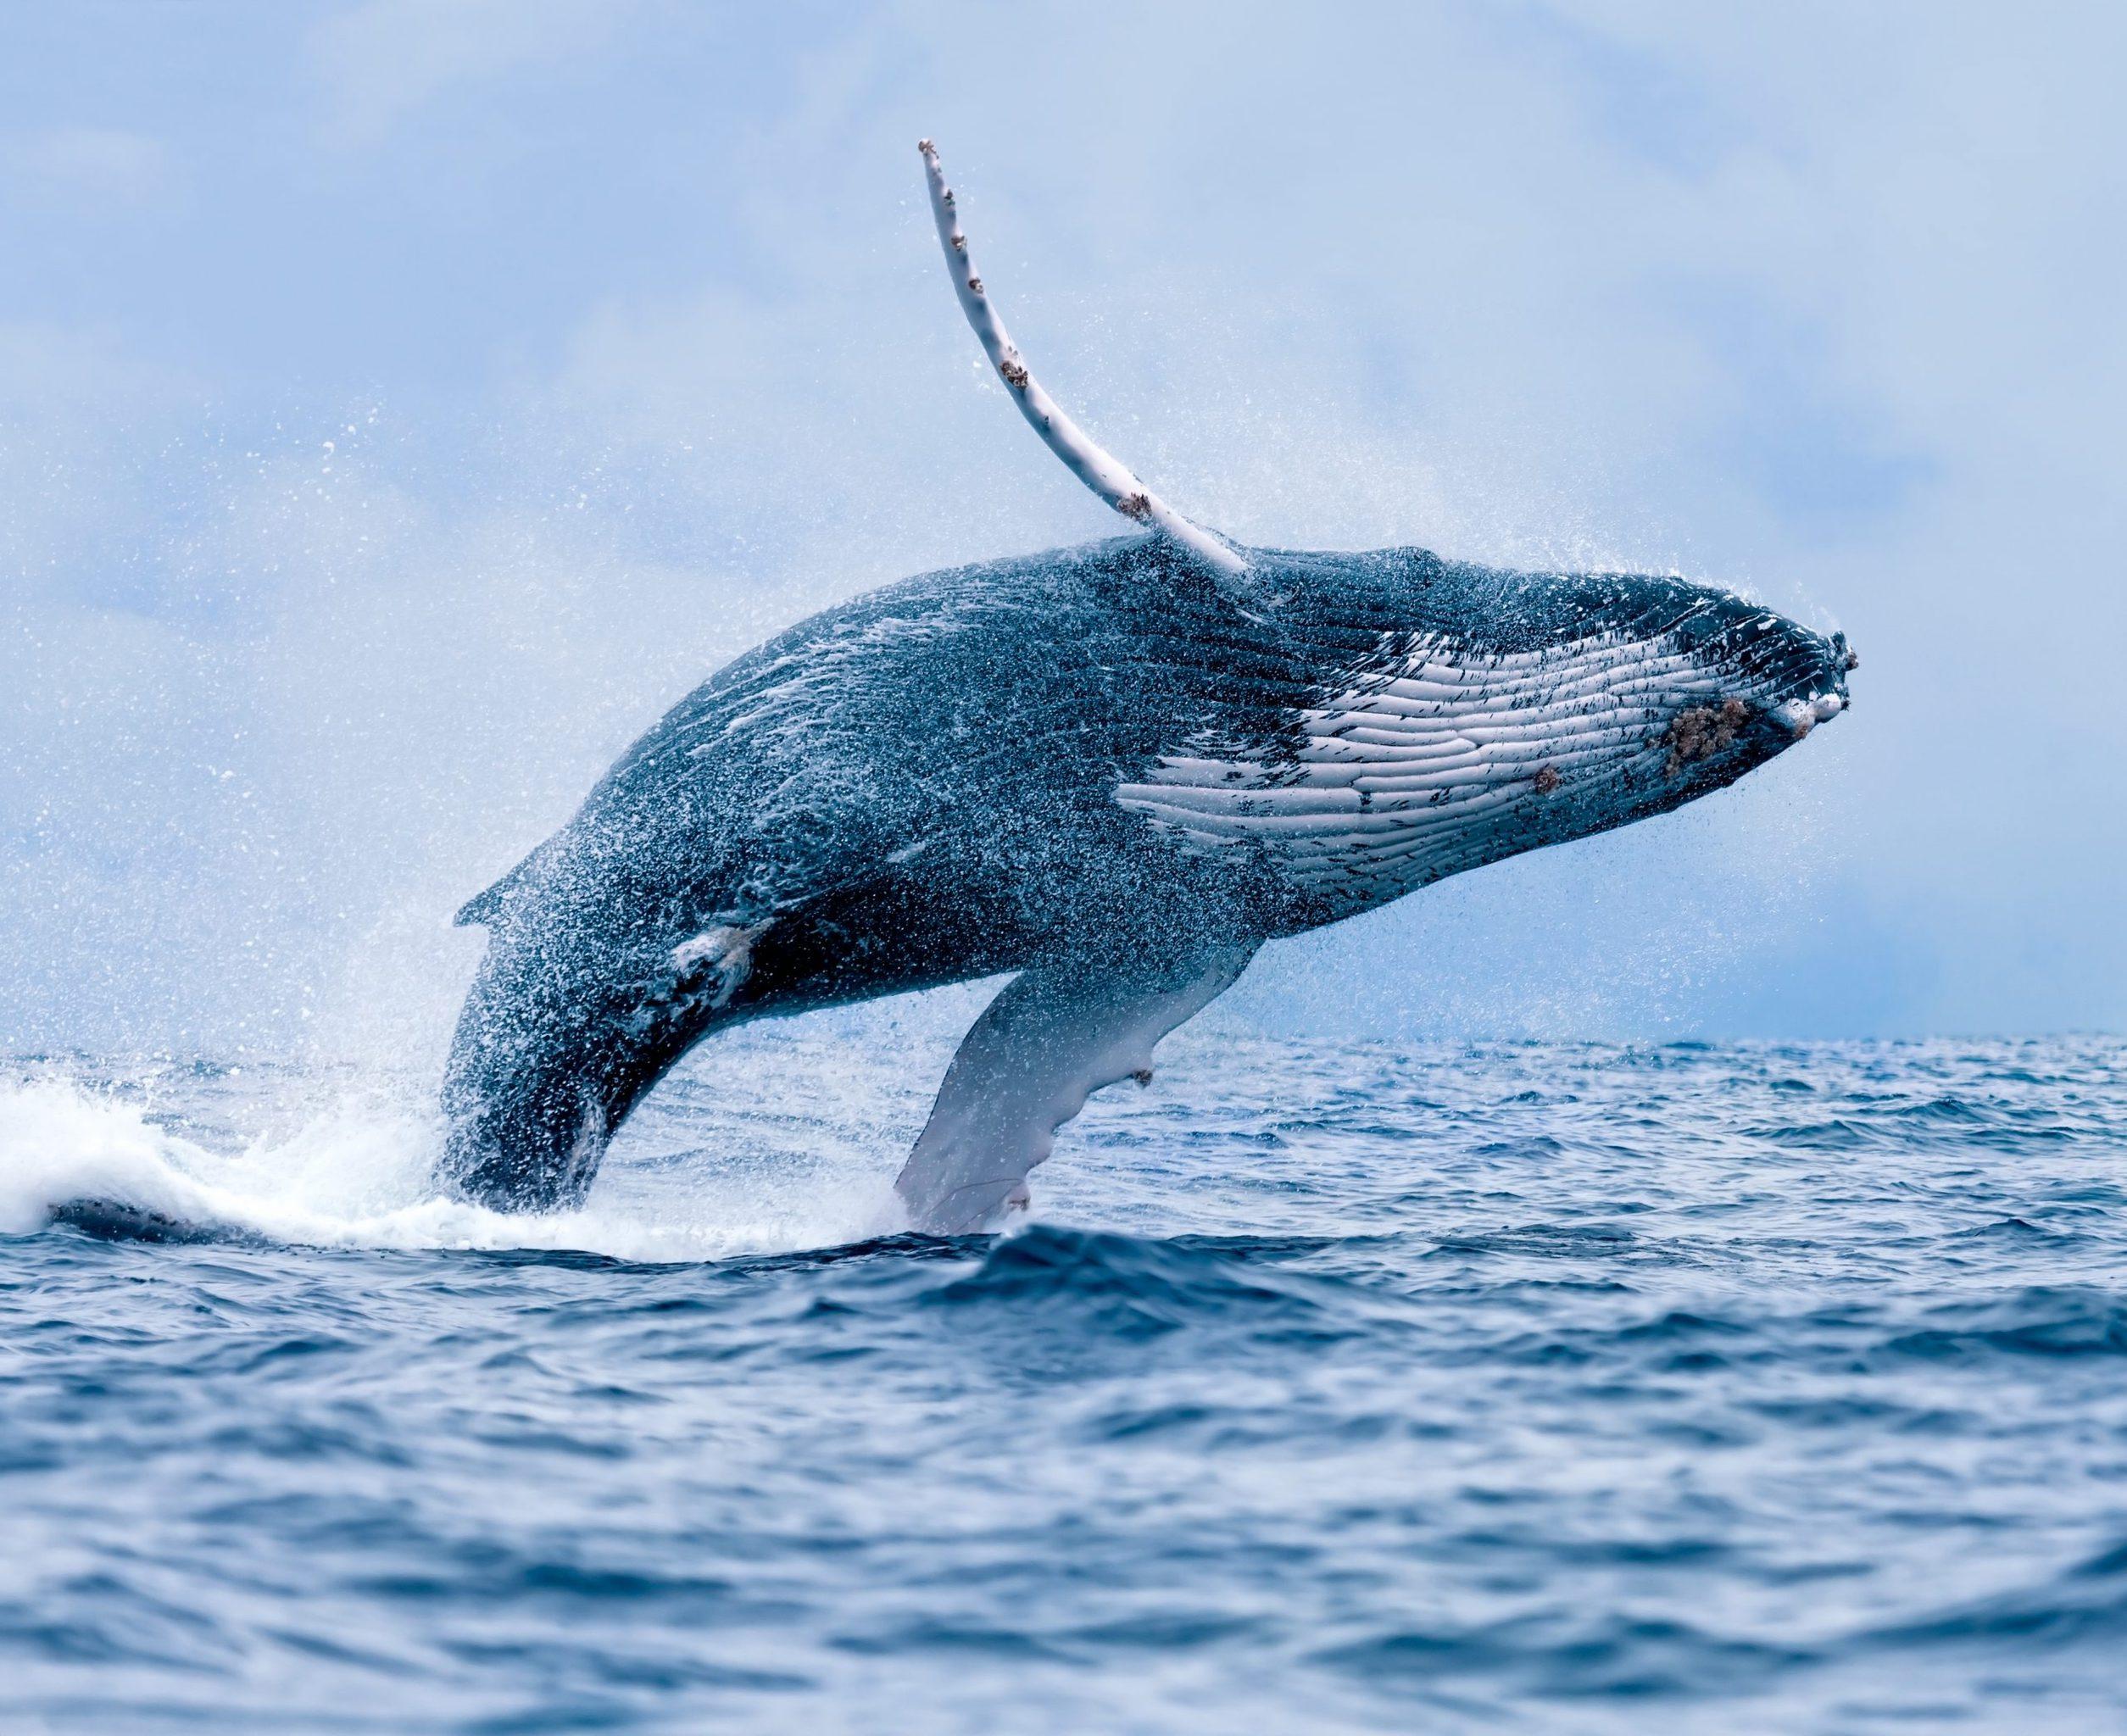 Ein Wal taucht aus dem Wasser auf.